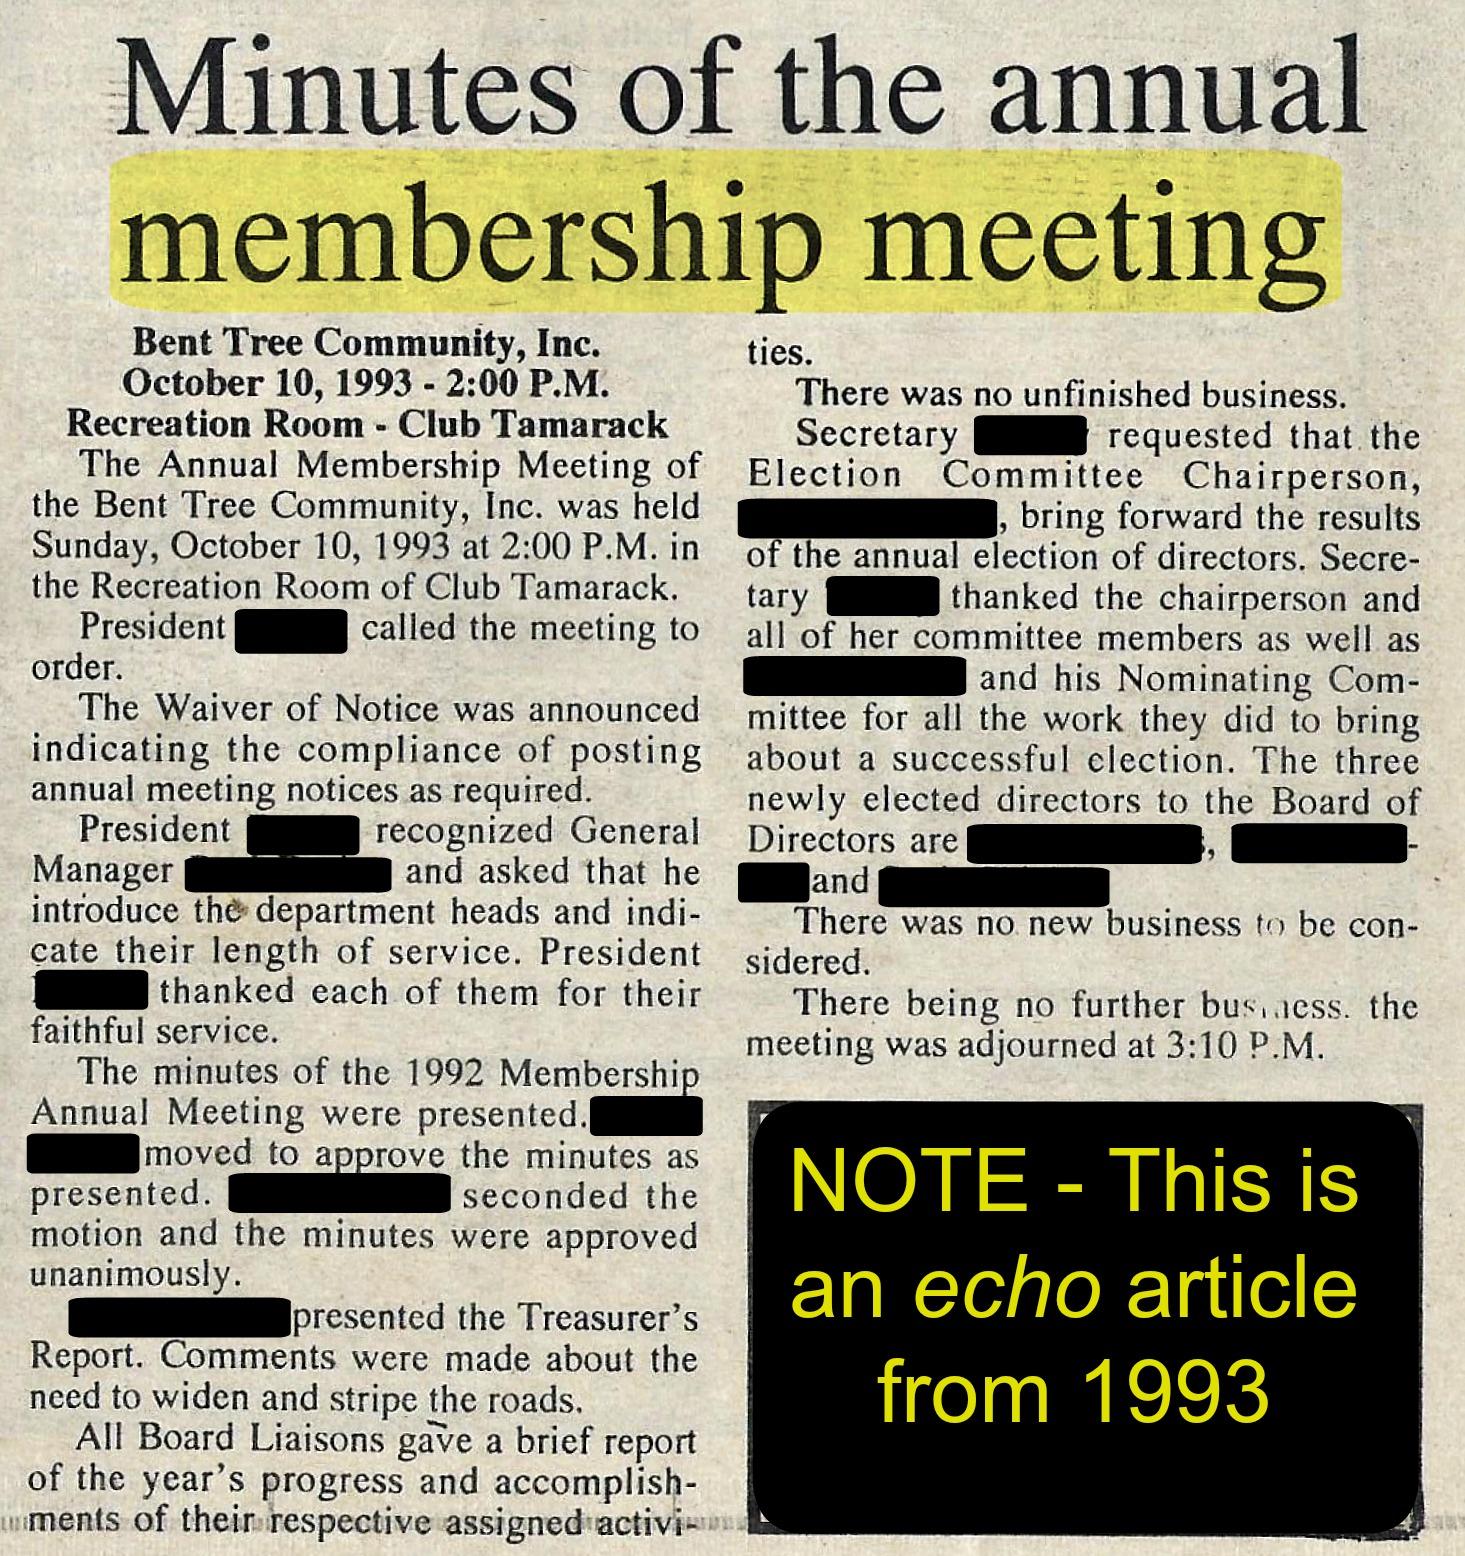 November 1993 echo article